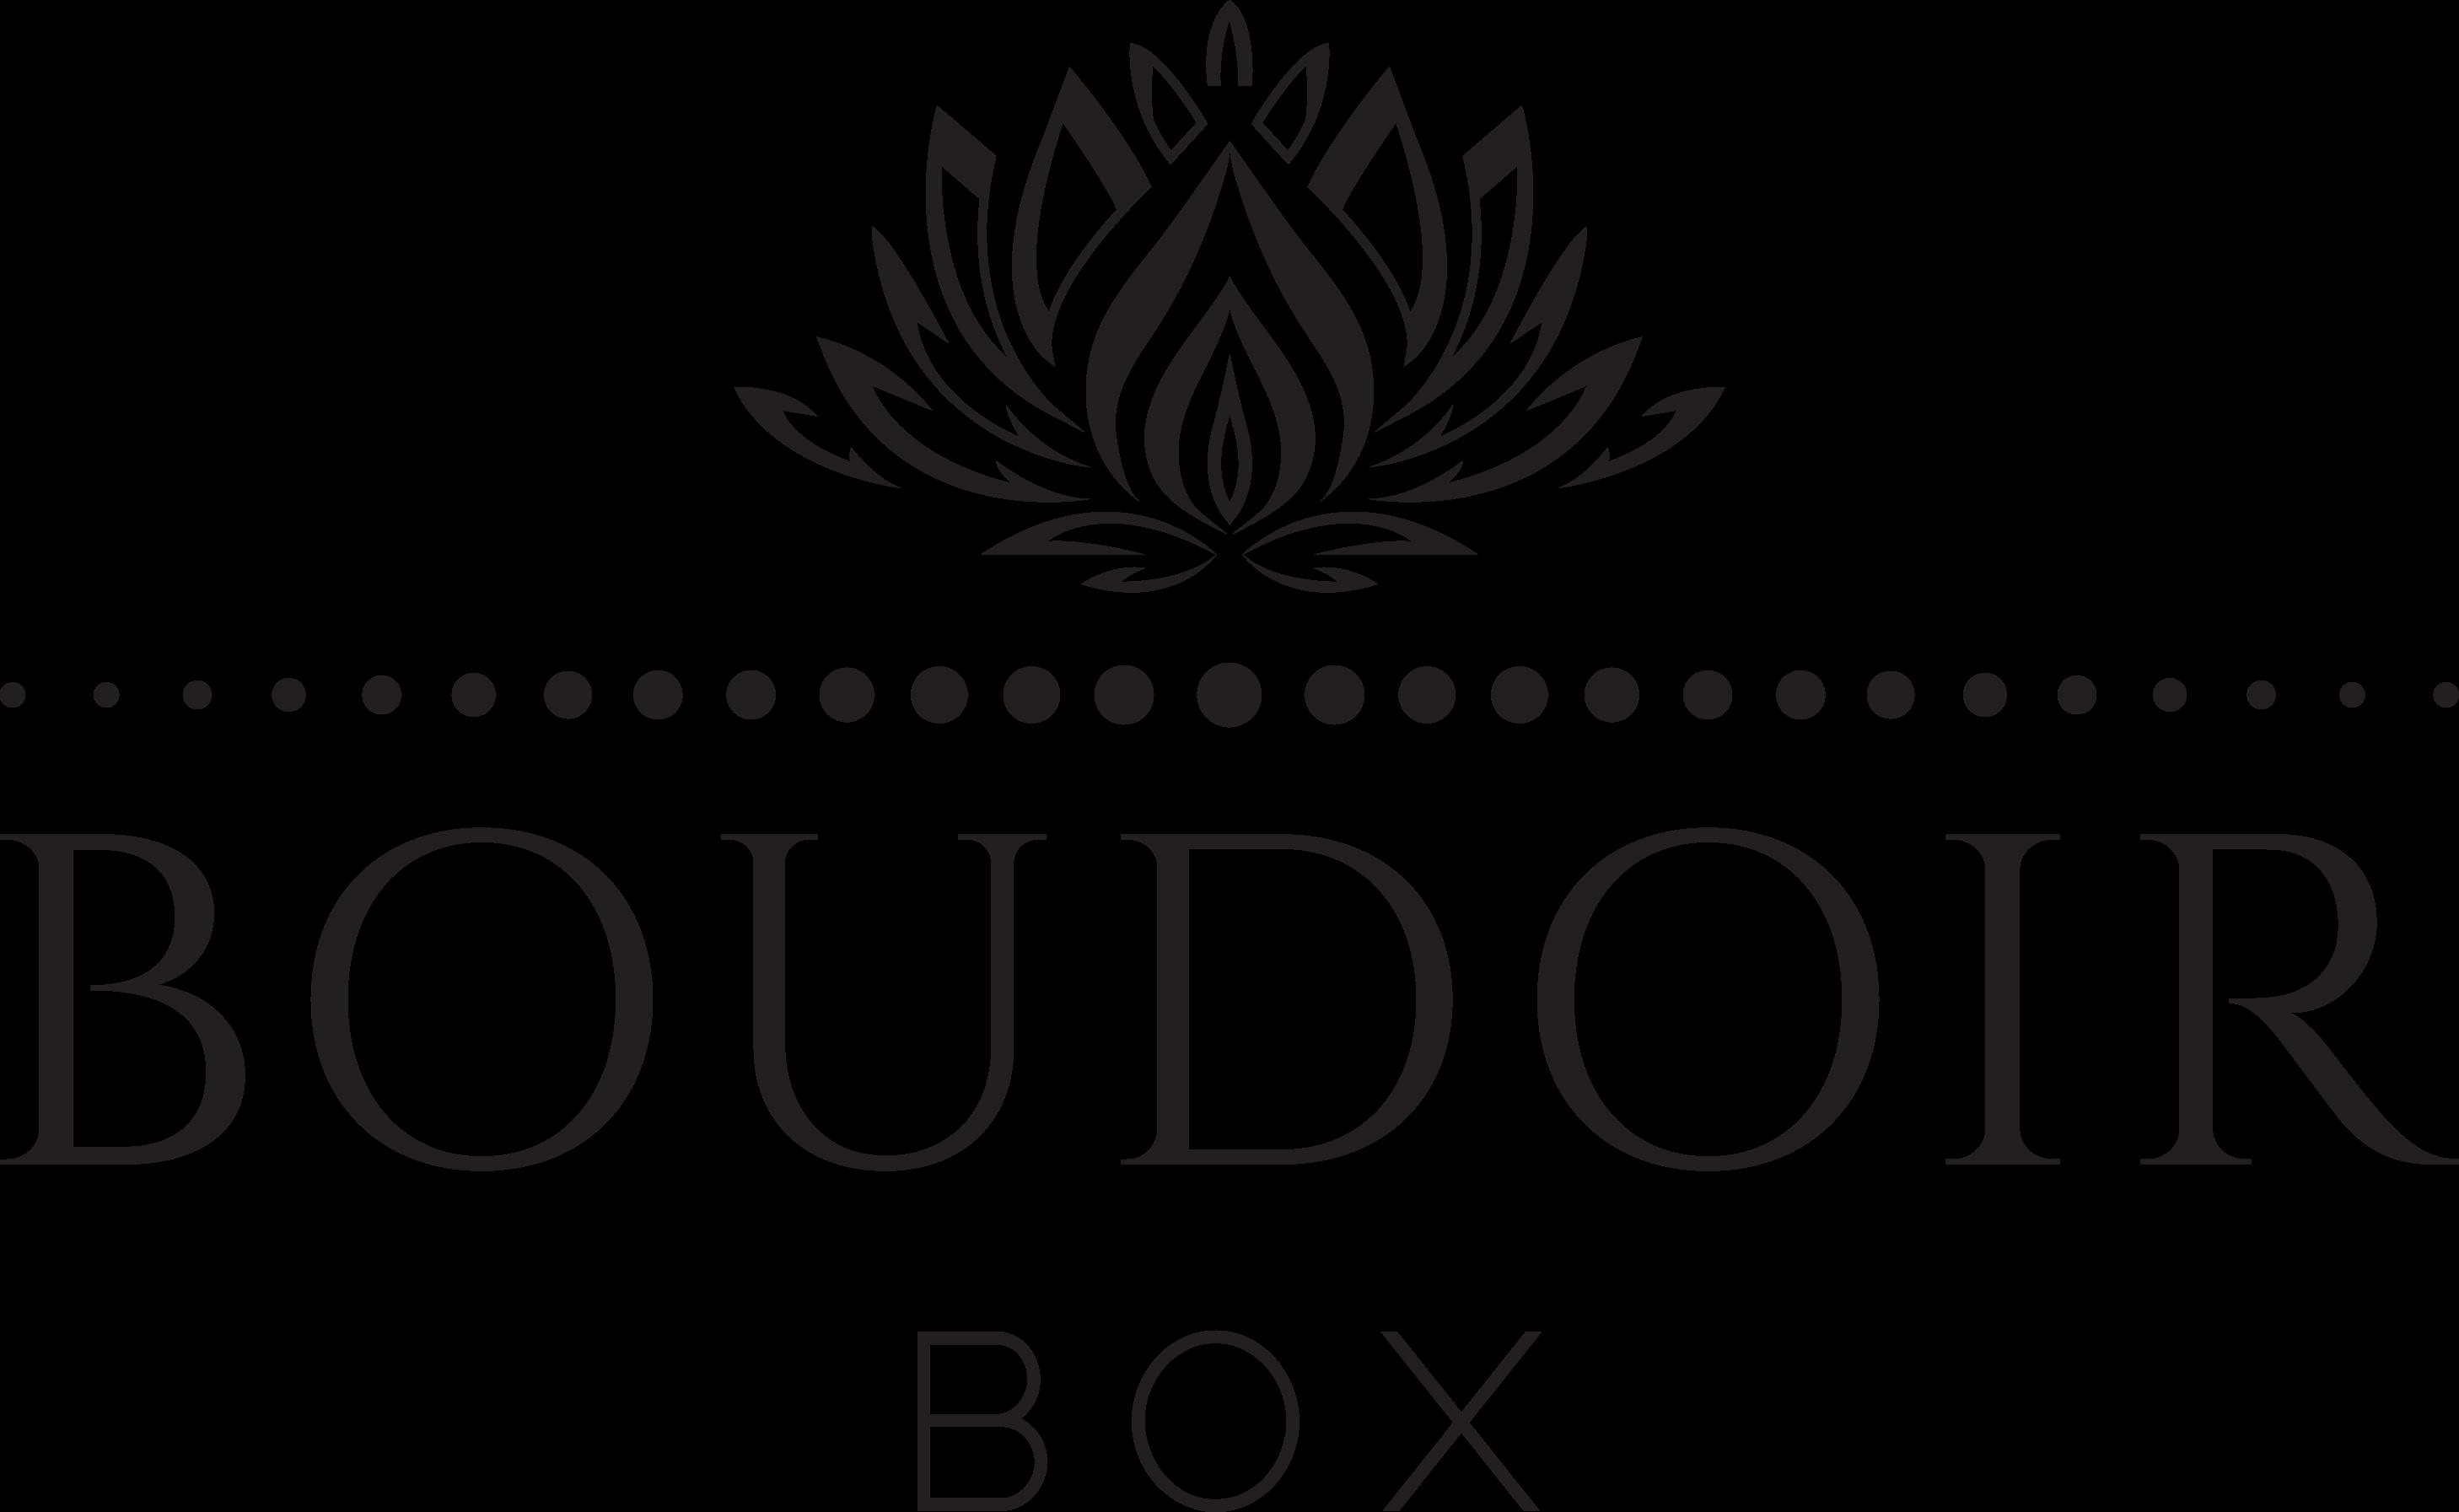 Boudoir Box